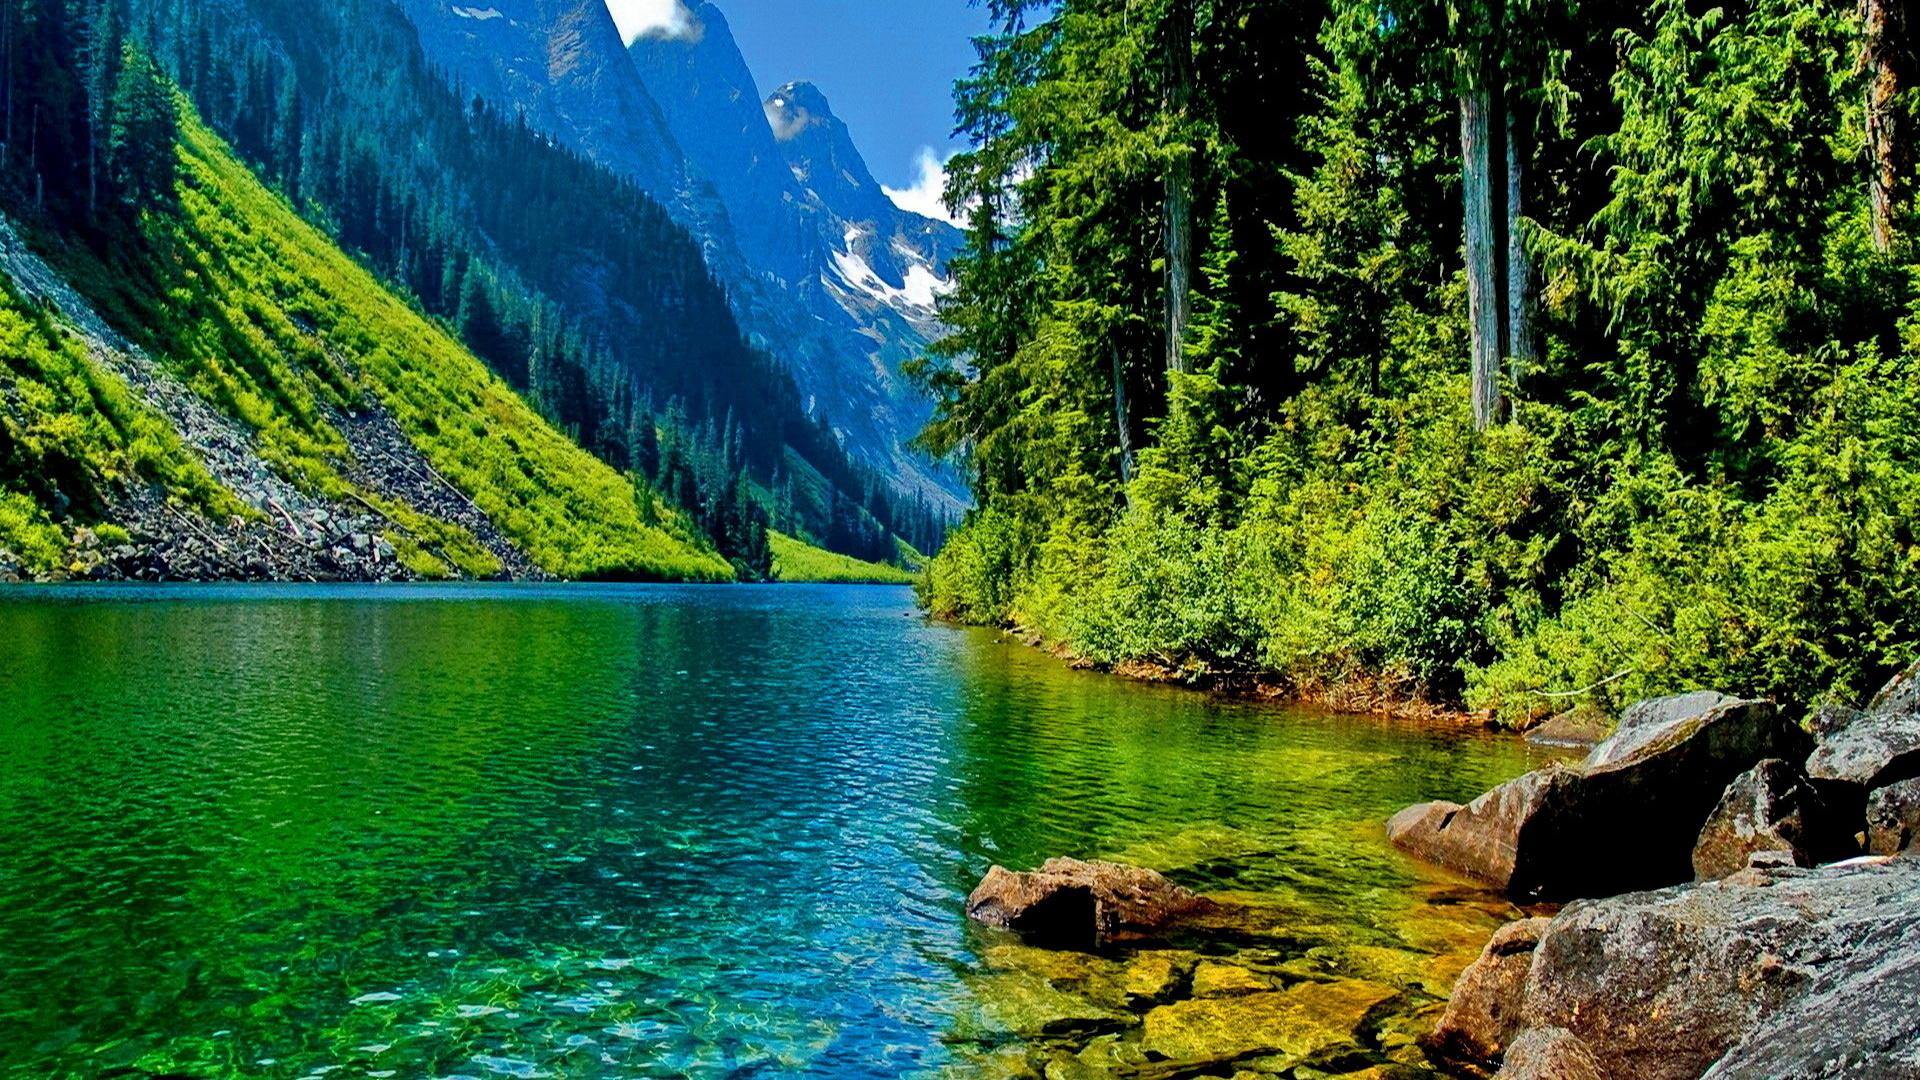 горы с реками картинки выбора оптимального цвета